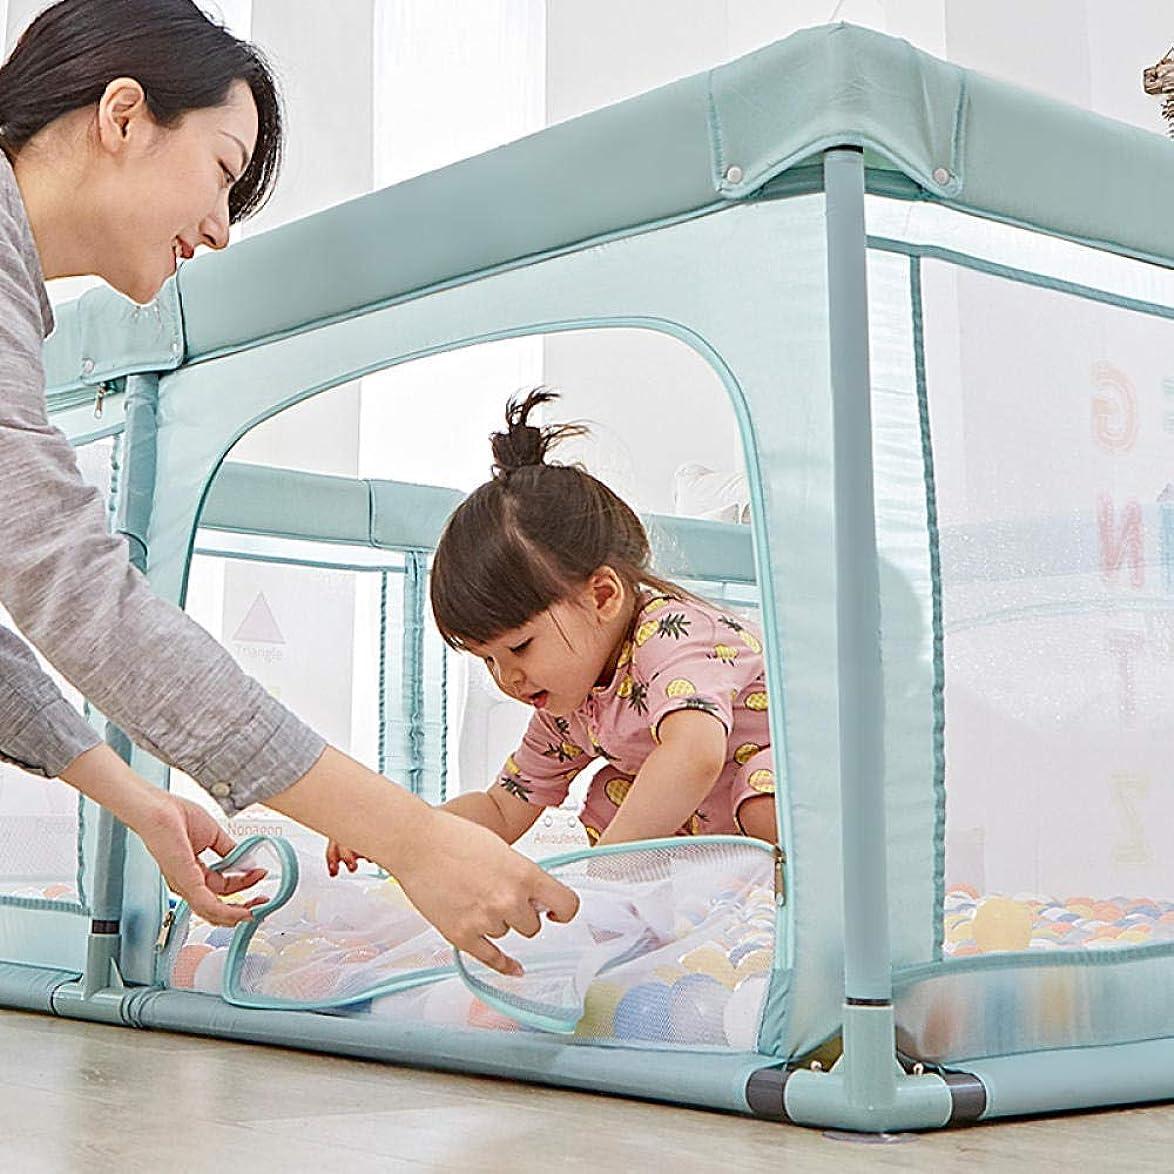 降雨マインドフルふさわしいポータブル赤ちゃんベビーサークルフェンス長方形子供安全フェンスママと150 * 180 * 68 cmのために作られた通気性メッシュベビーサークル幼児